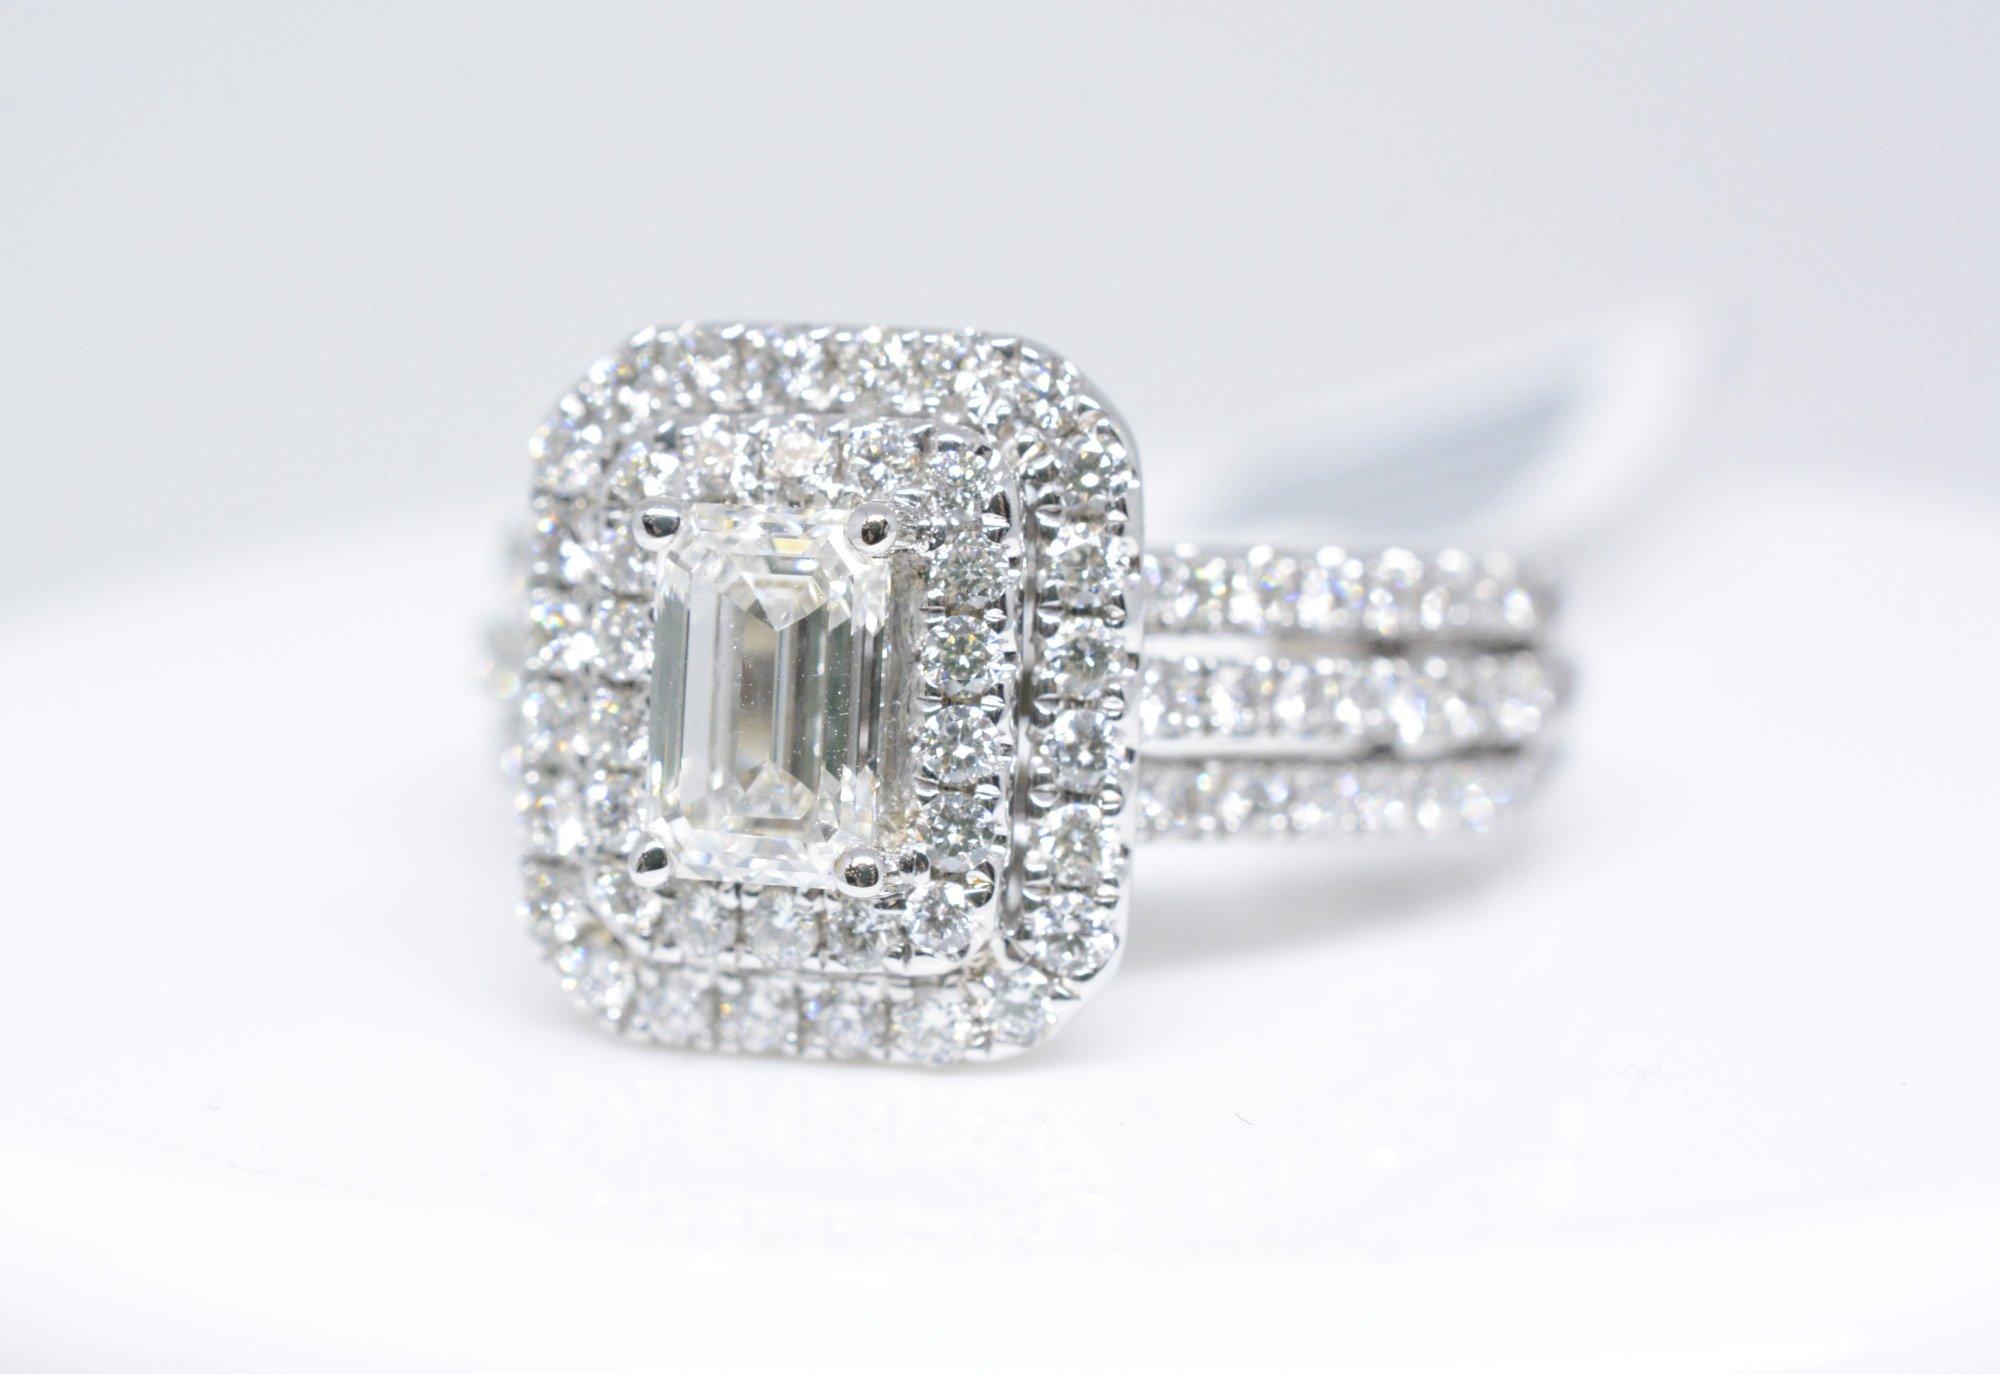 Ladies 14k White Gold Diamond Engagement Ring Image